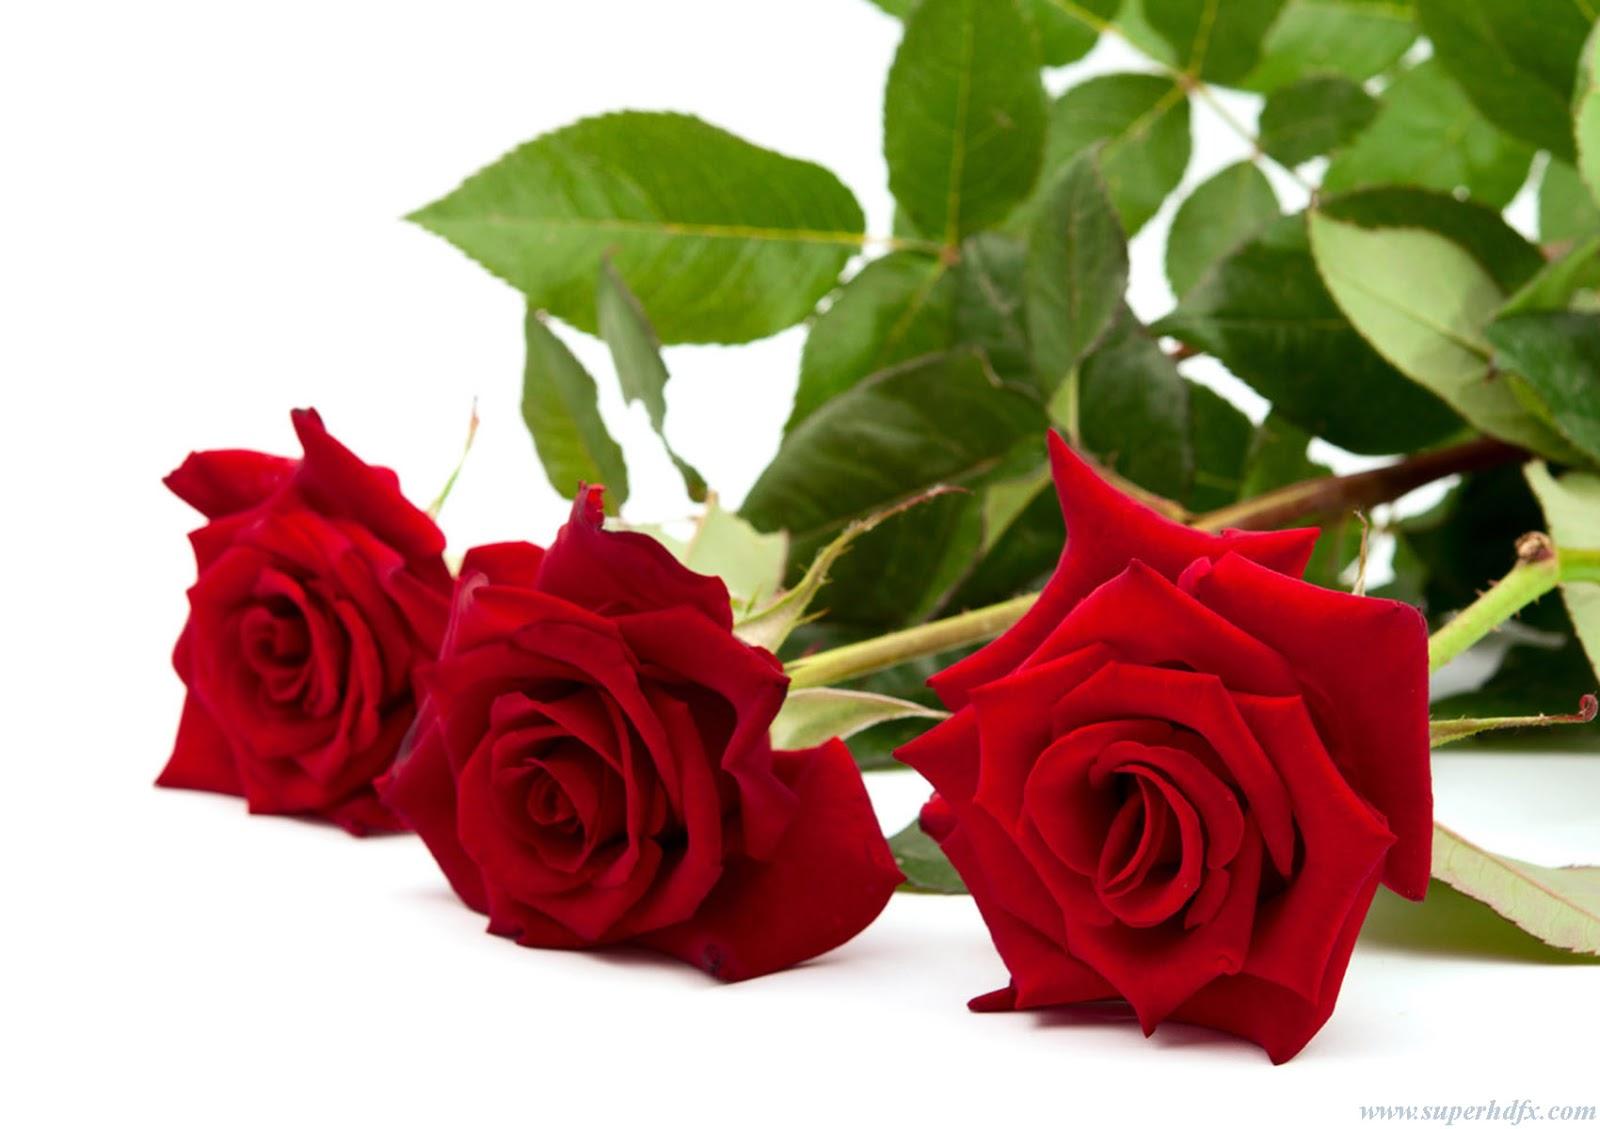 Red Rose HD Desktop Wallpaper